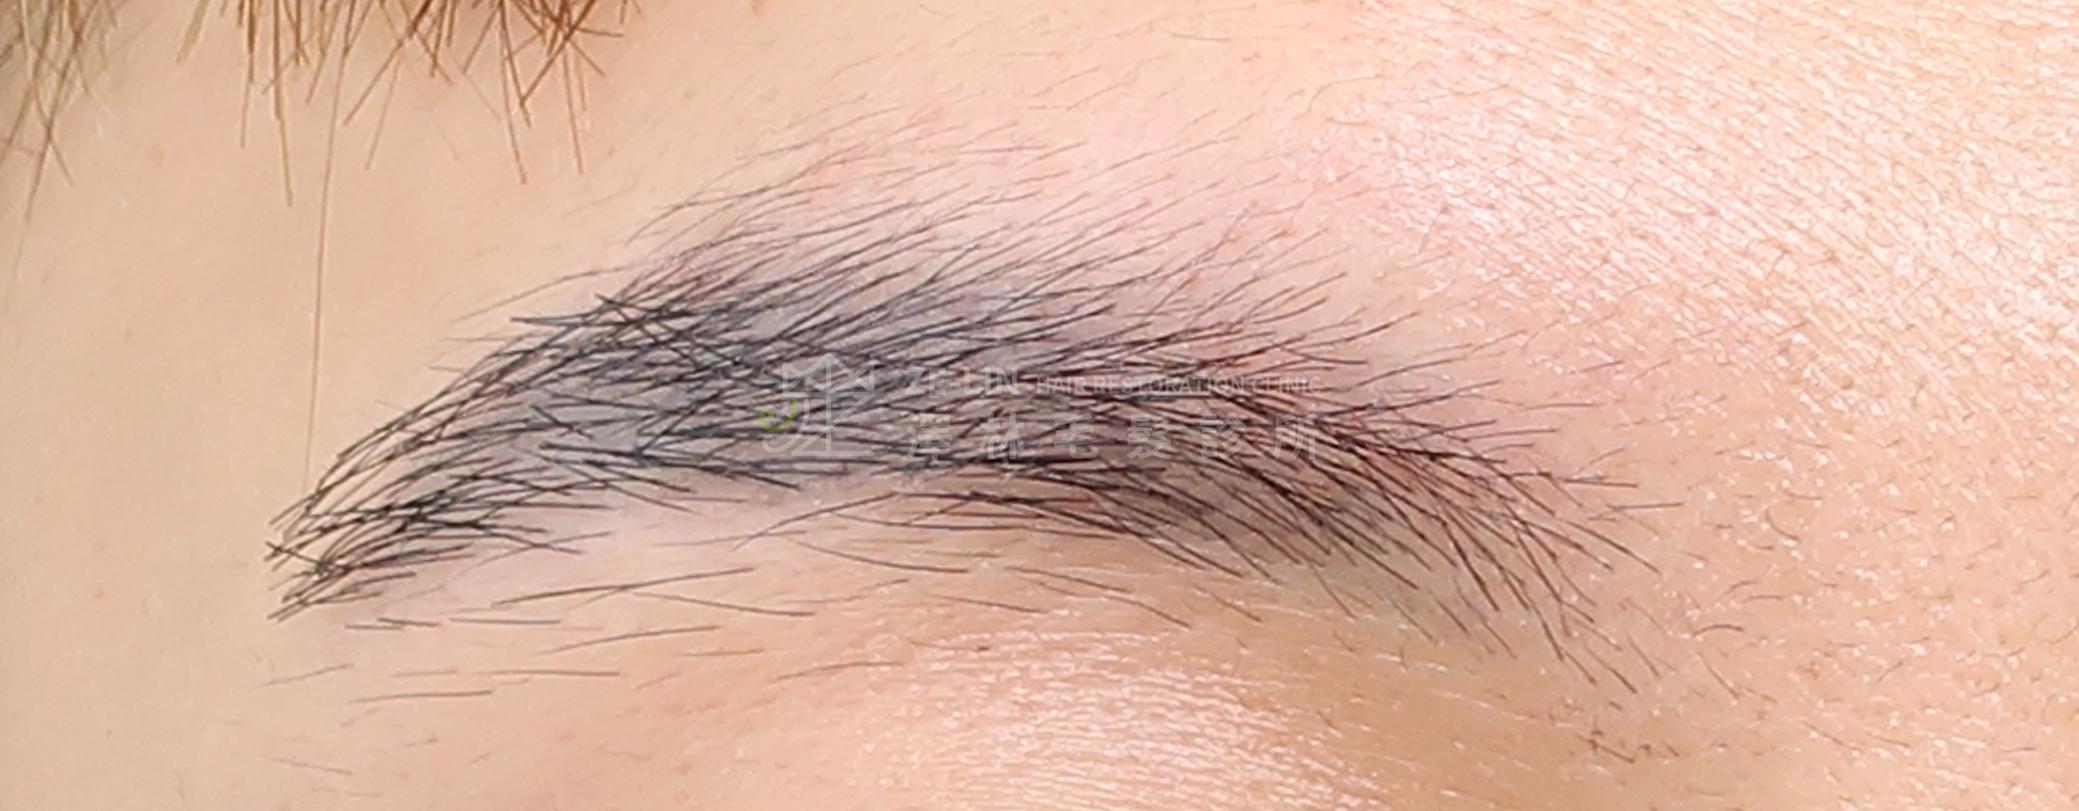 飄眉後接受植眉手術改善眉毛斷尾及眉形術後